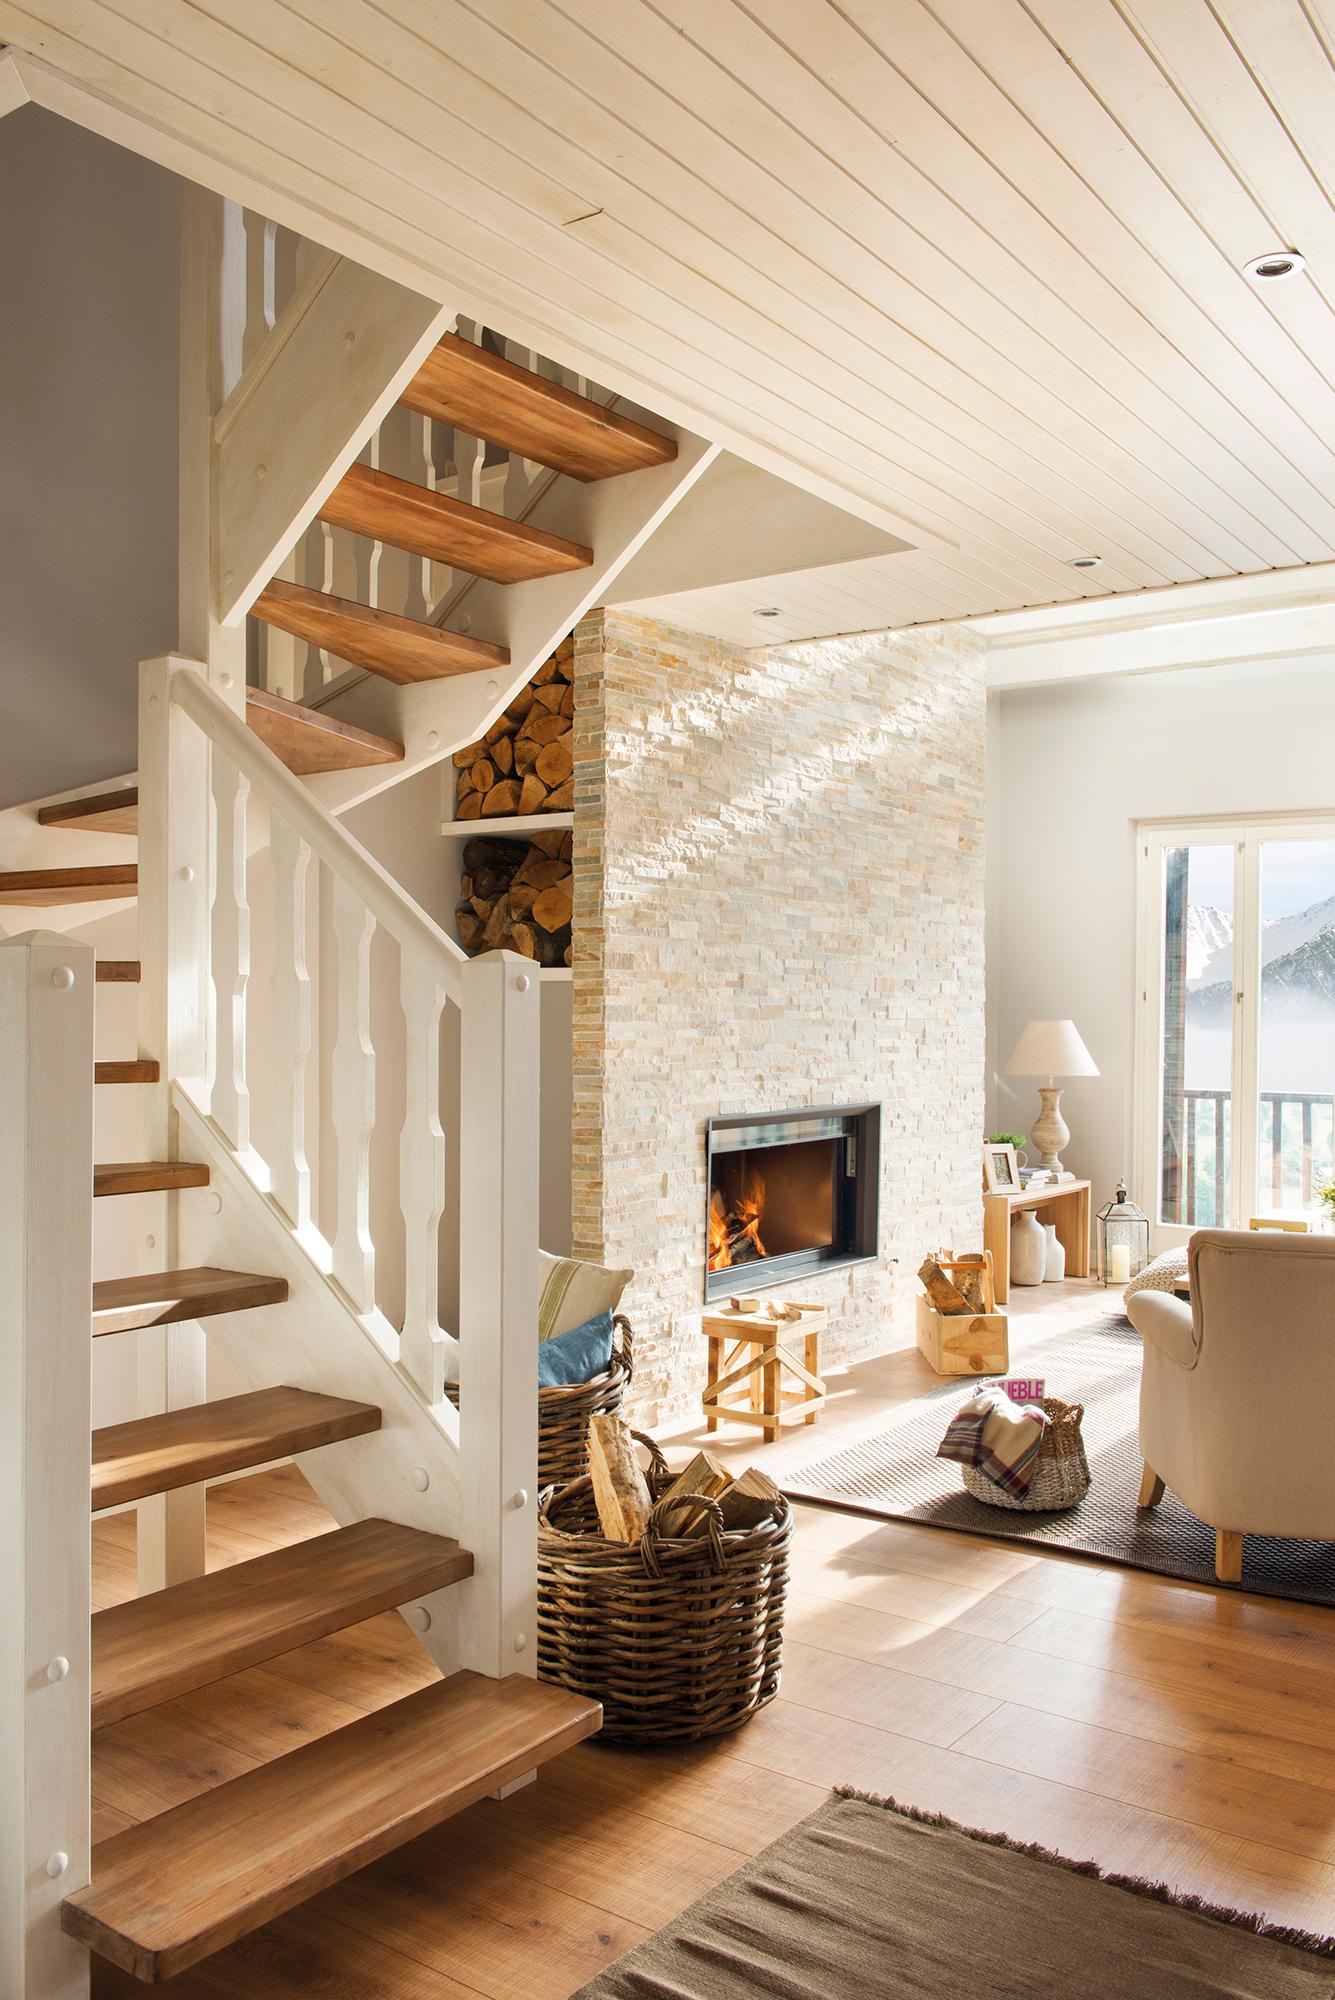 Escaleras c mo planificarlas con acierto - Casas con escaleras interiores ...